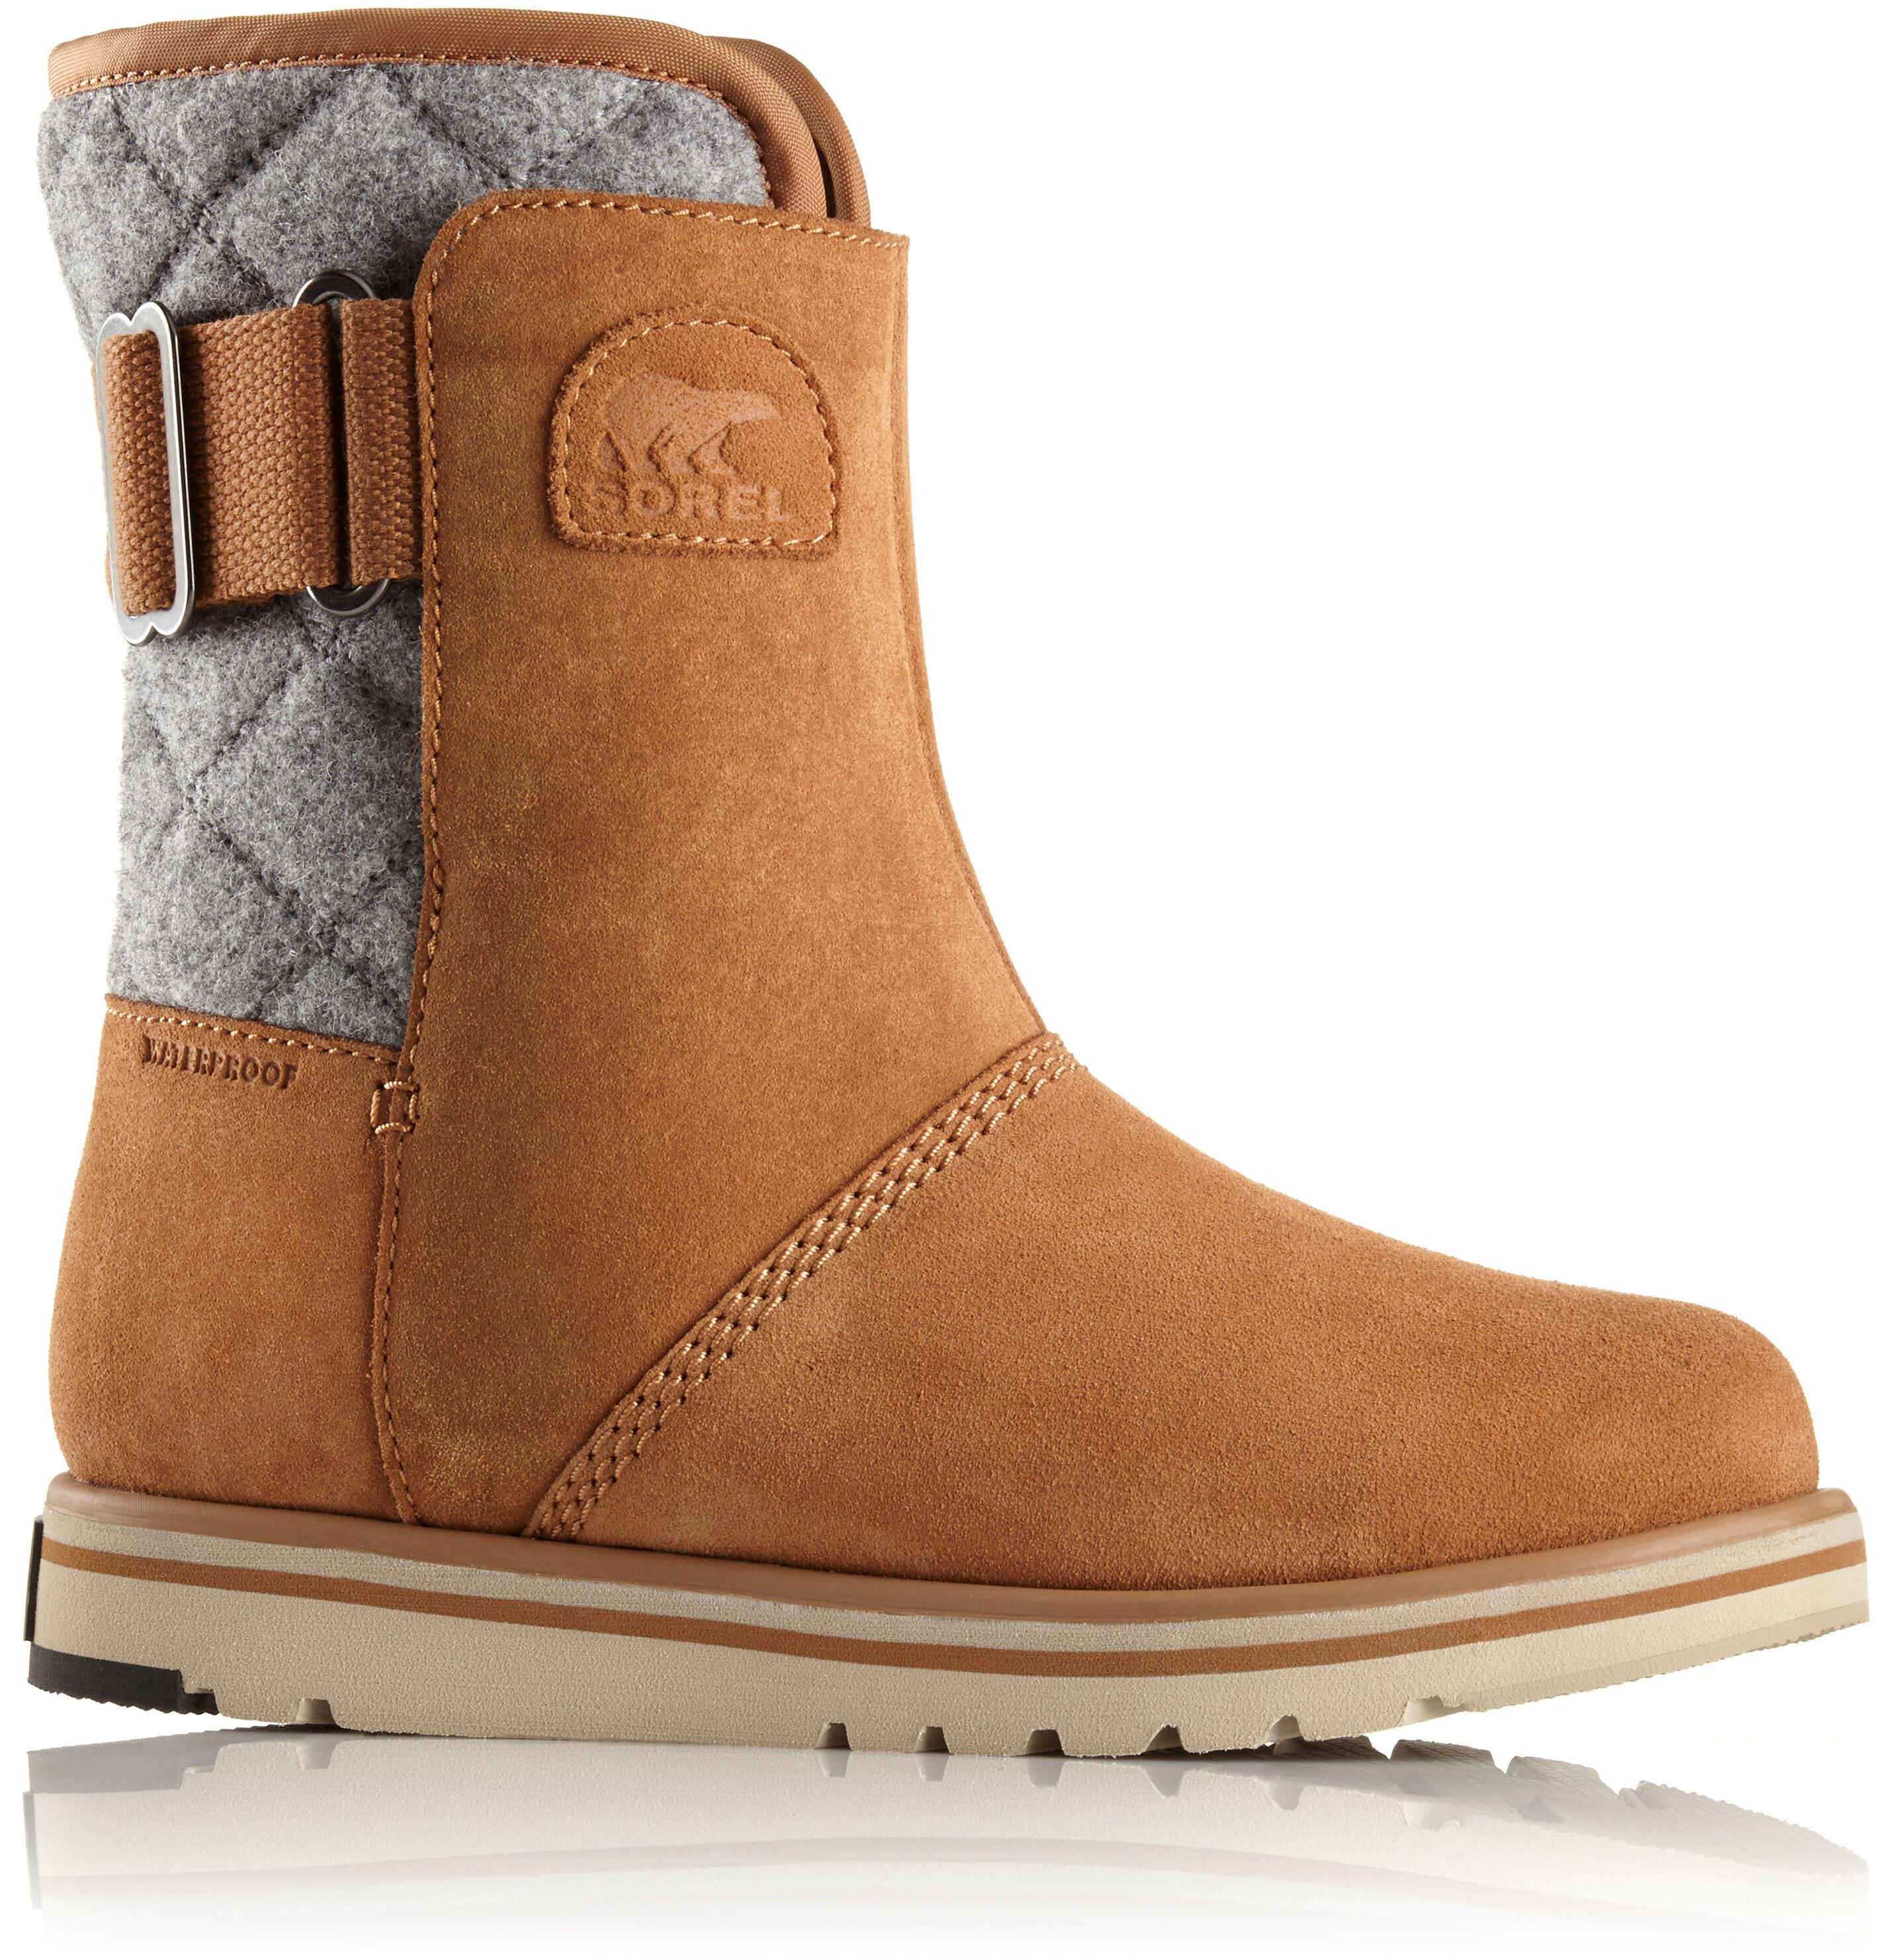 separation shoes dc090 eb73a Sorel Rylee - Bottes Femme - marron